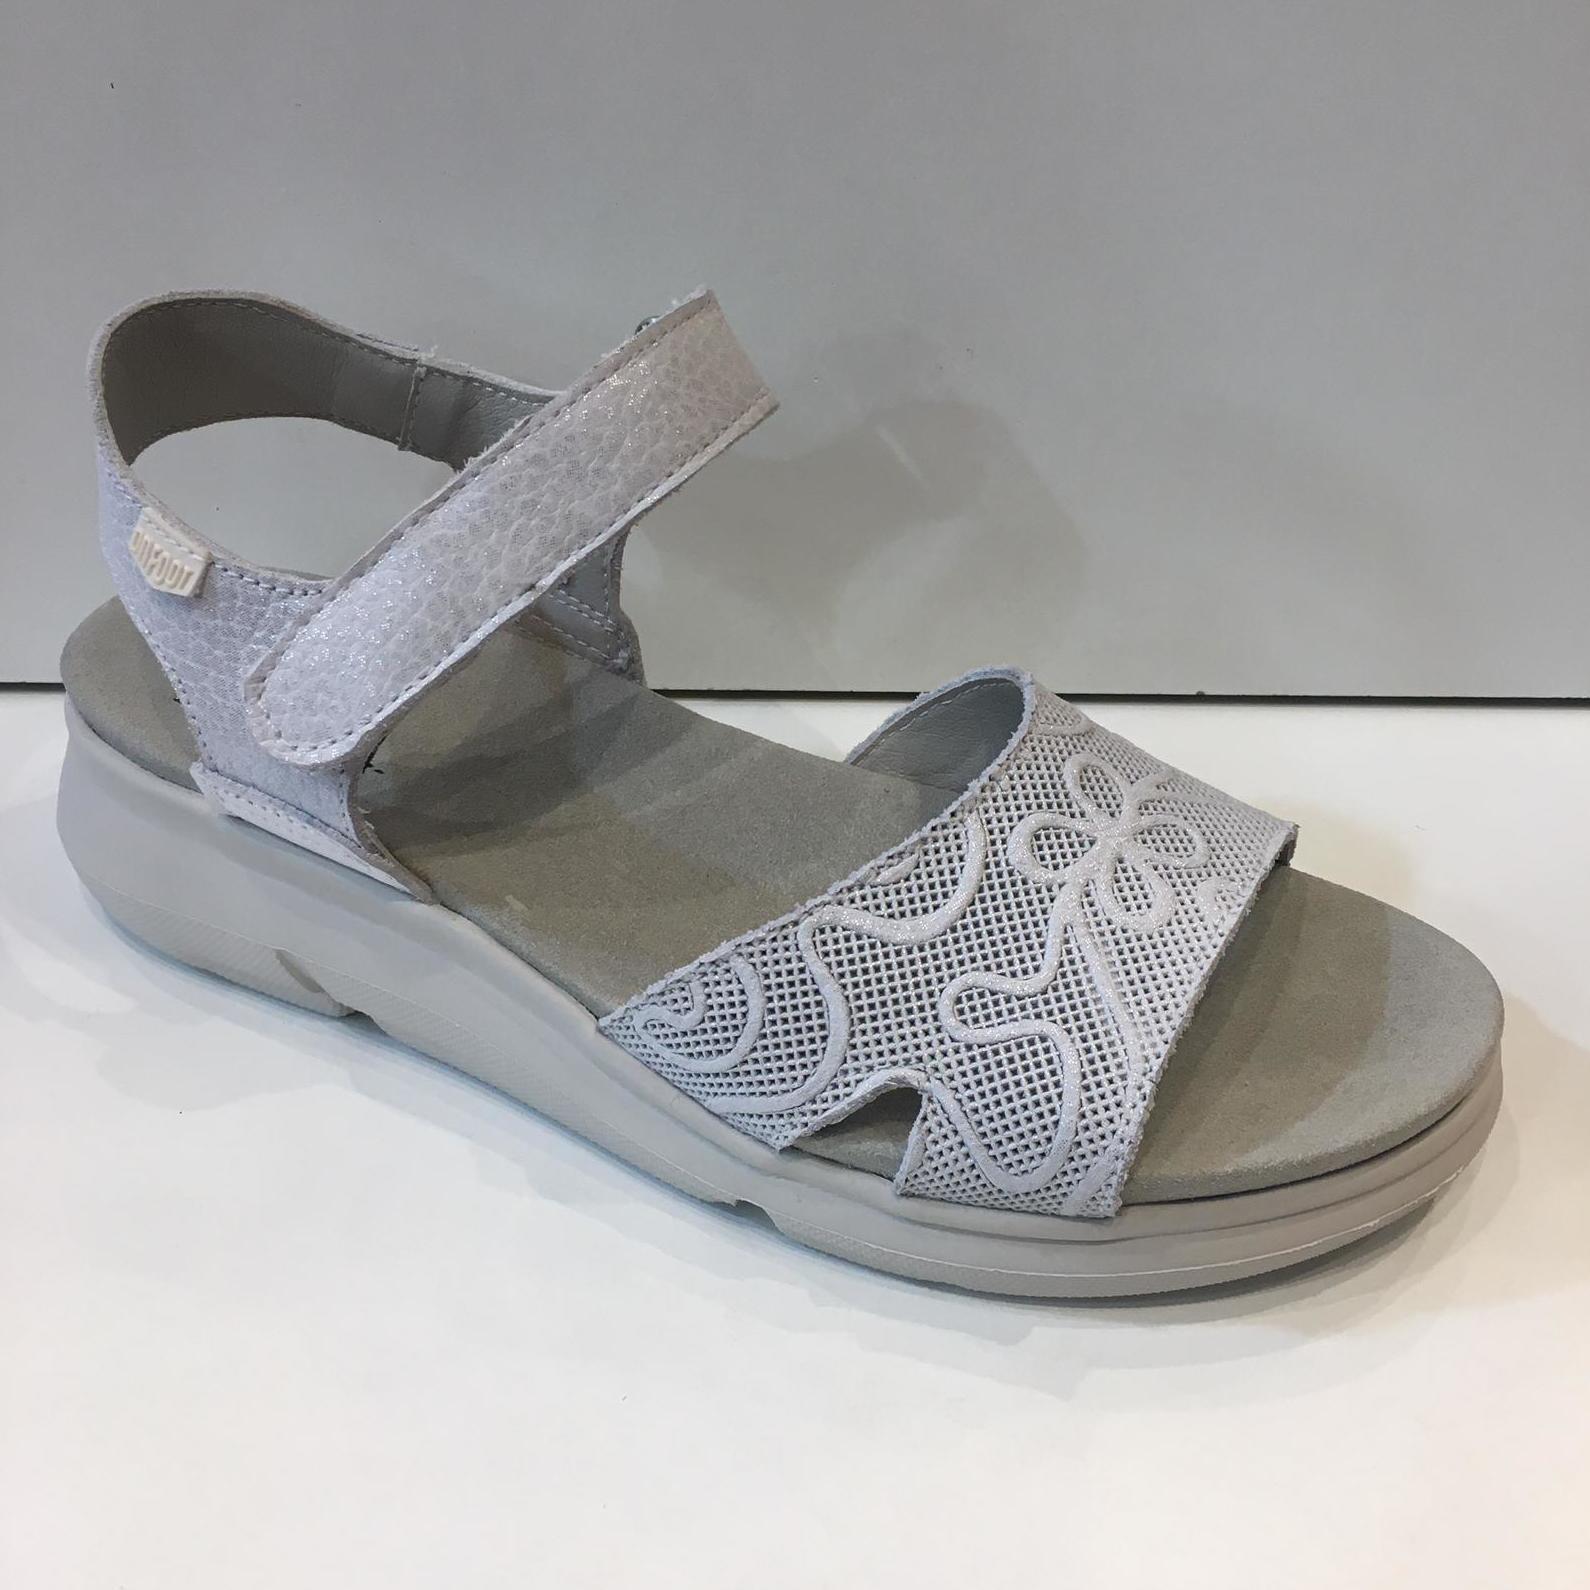 Sandàlia de dona de la marca On Foot, anatòmiques amb sola de politilé 68€